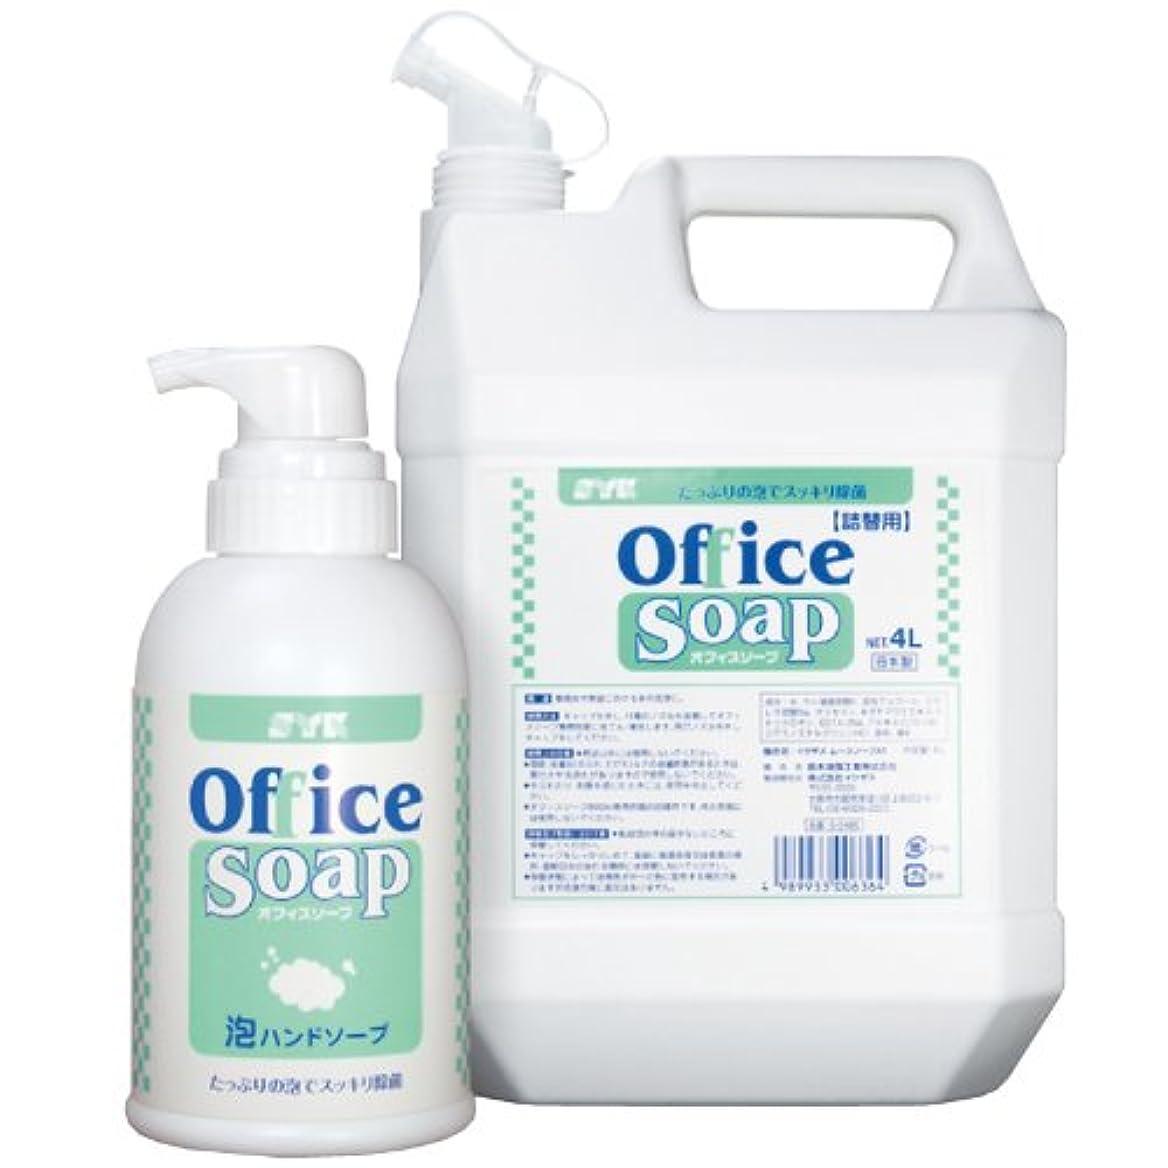 ヘッジウィザード制限する鈴木油脂 事務所用手洗い洗剤 業務用 オフィスソープ ポンプ入 780ml×3本